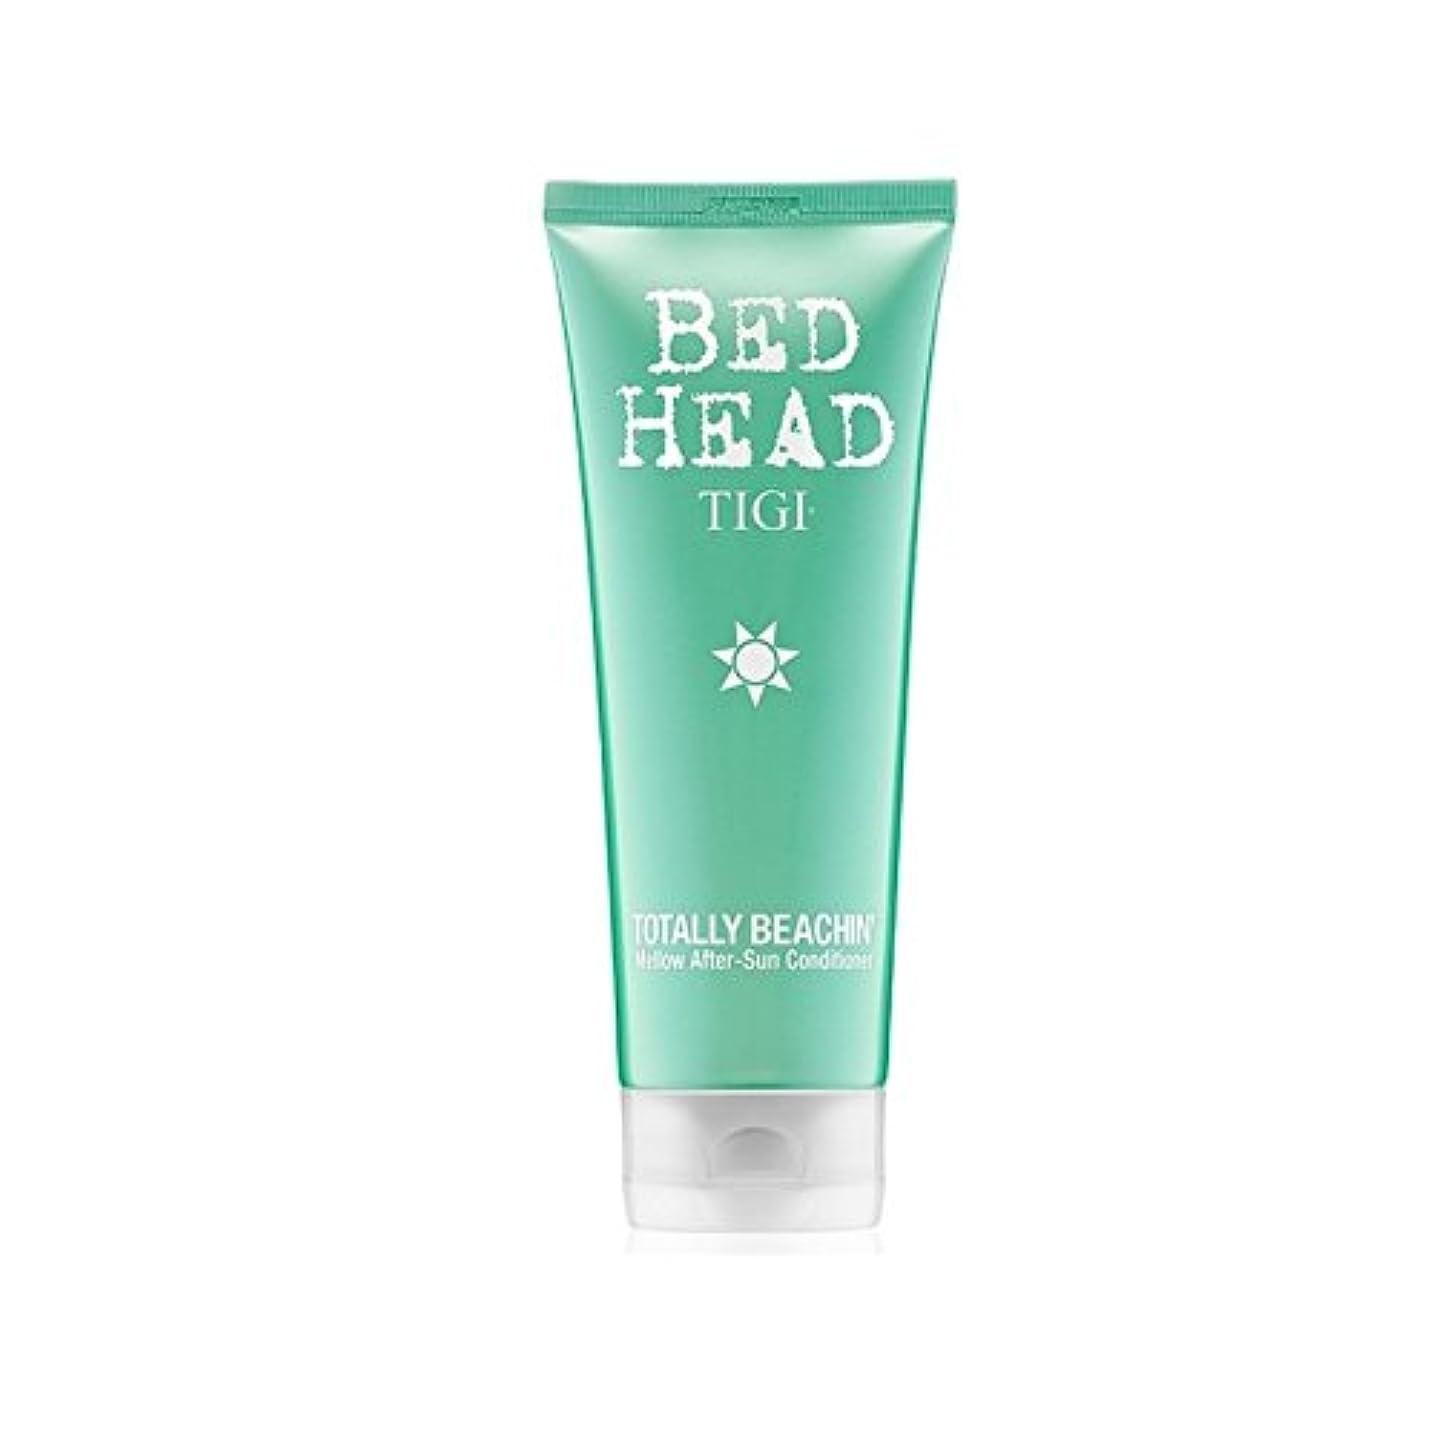 広い十繁殖ティジーベッドヘッド全くまろやかアフターサンコンディショナー(200ミリリットル) x2 - Tigi Bed Head Totally Beachin Mellow After-Sun Conditioner (200ml...